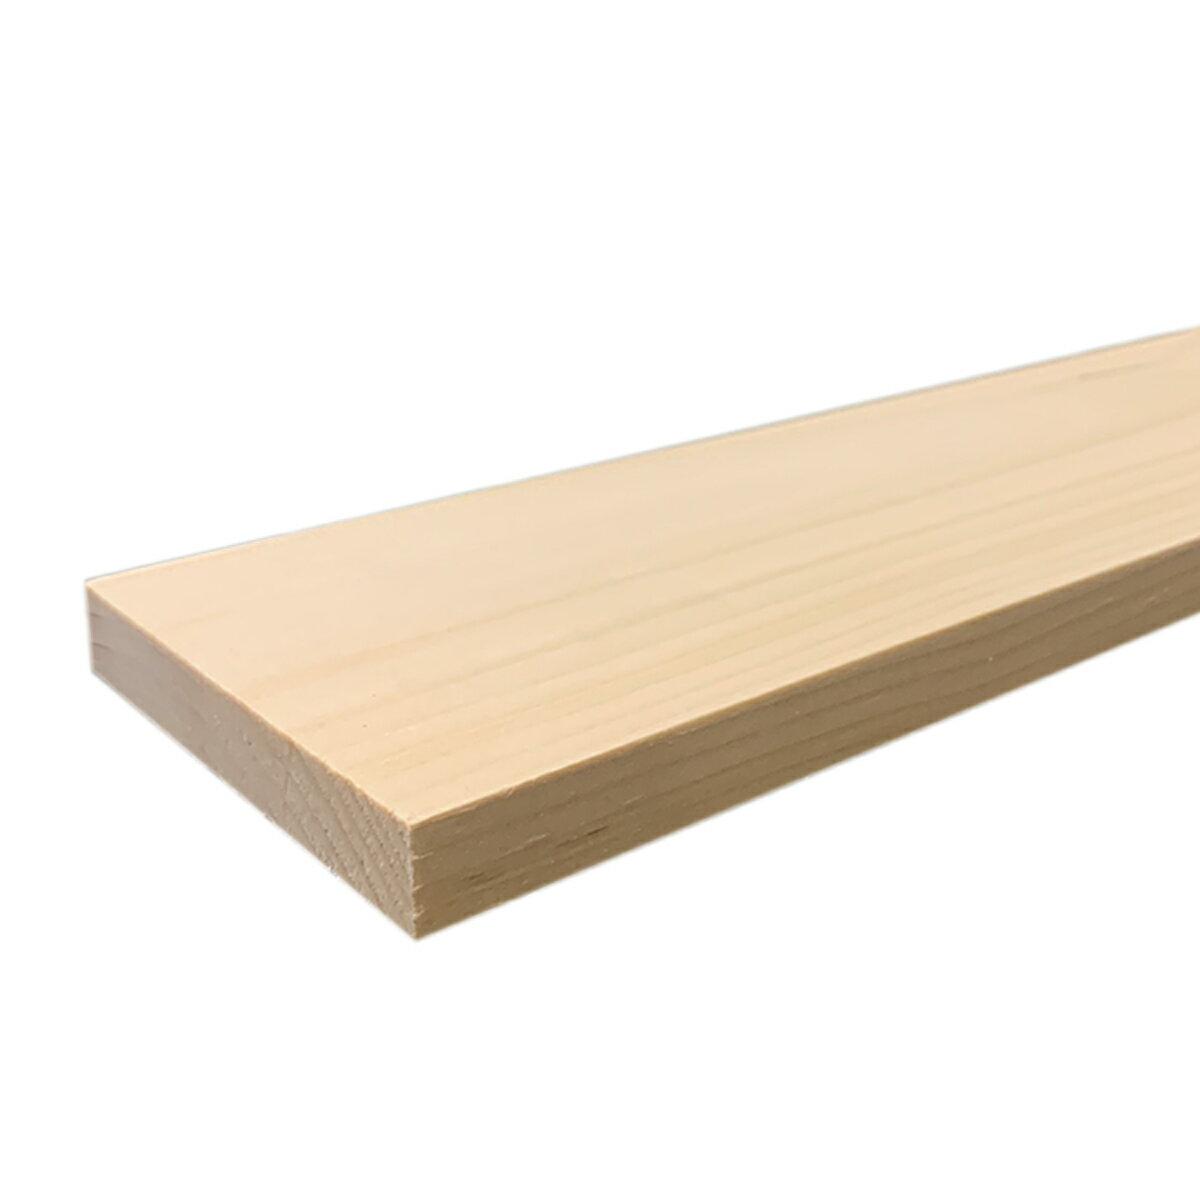 えぞ松板 四面プレーナー仕上げ 14x90x910mm 【 木材 DIY 手作り 木工 板 パイン材 】